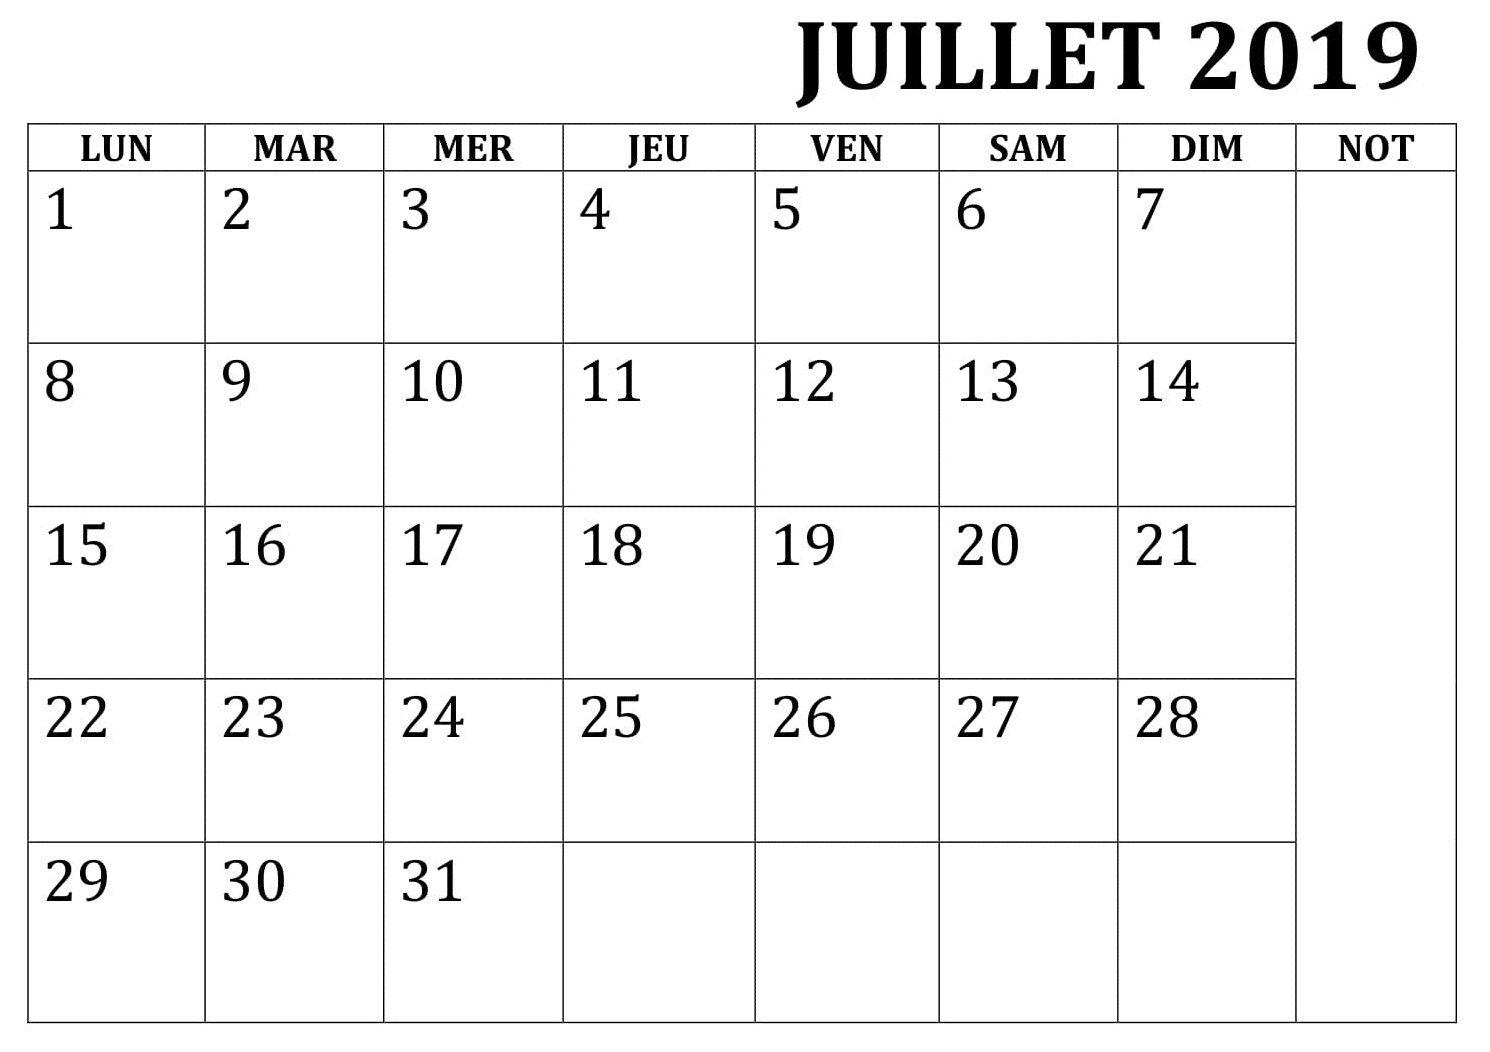 Calendrier 2019 Mois Par Mois A Imprimer.Juillet Calendrier 2019 A Imprimer Word Gratuit Mensuel